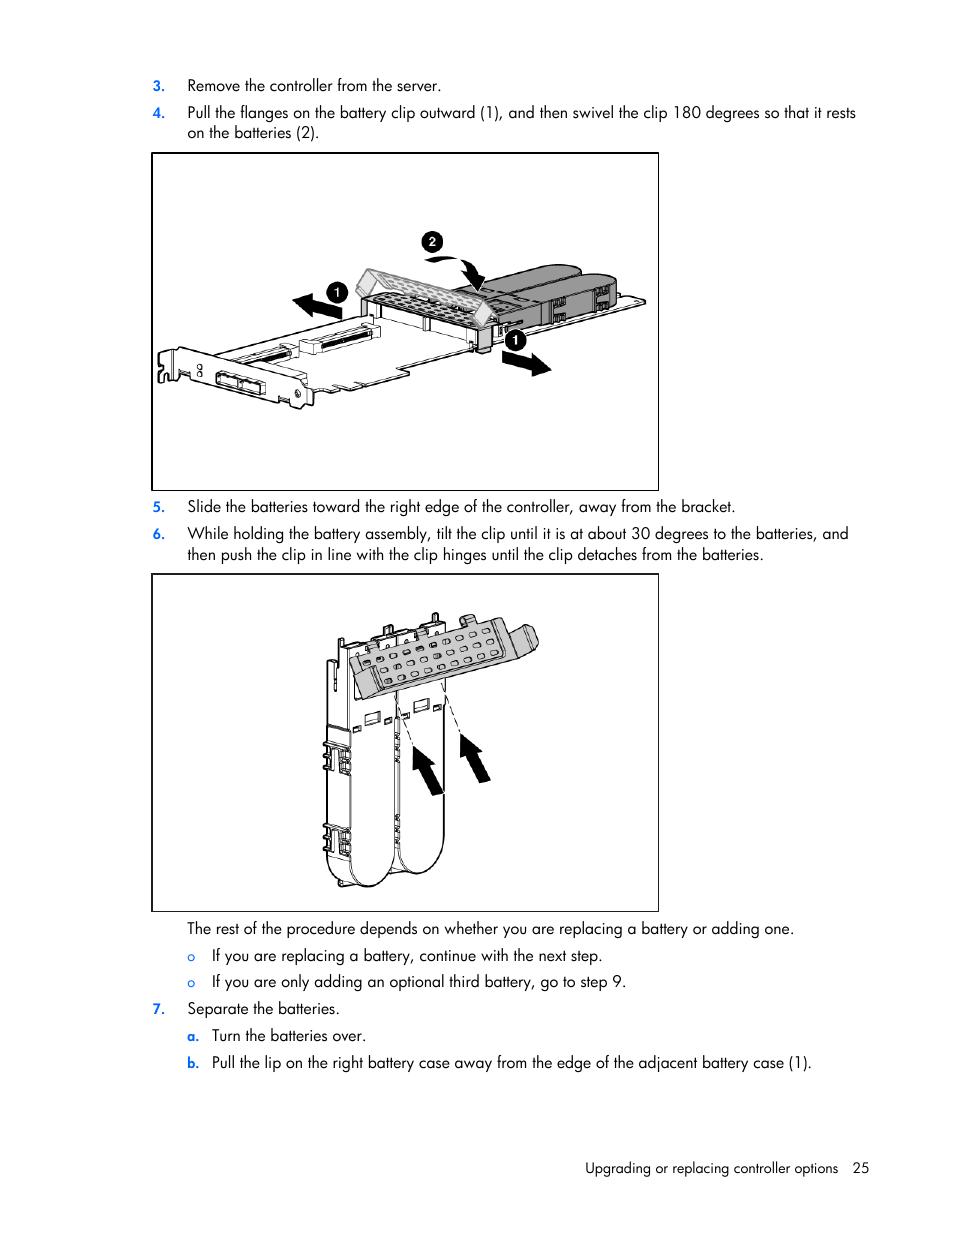 Hp smart array p400 manuals.